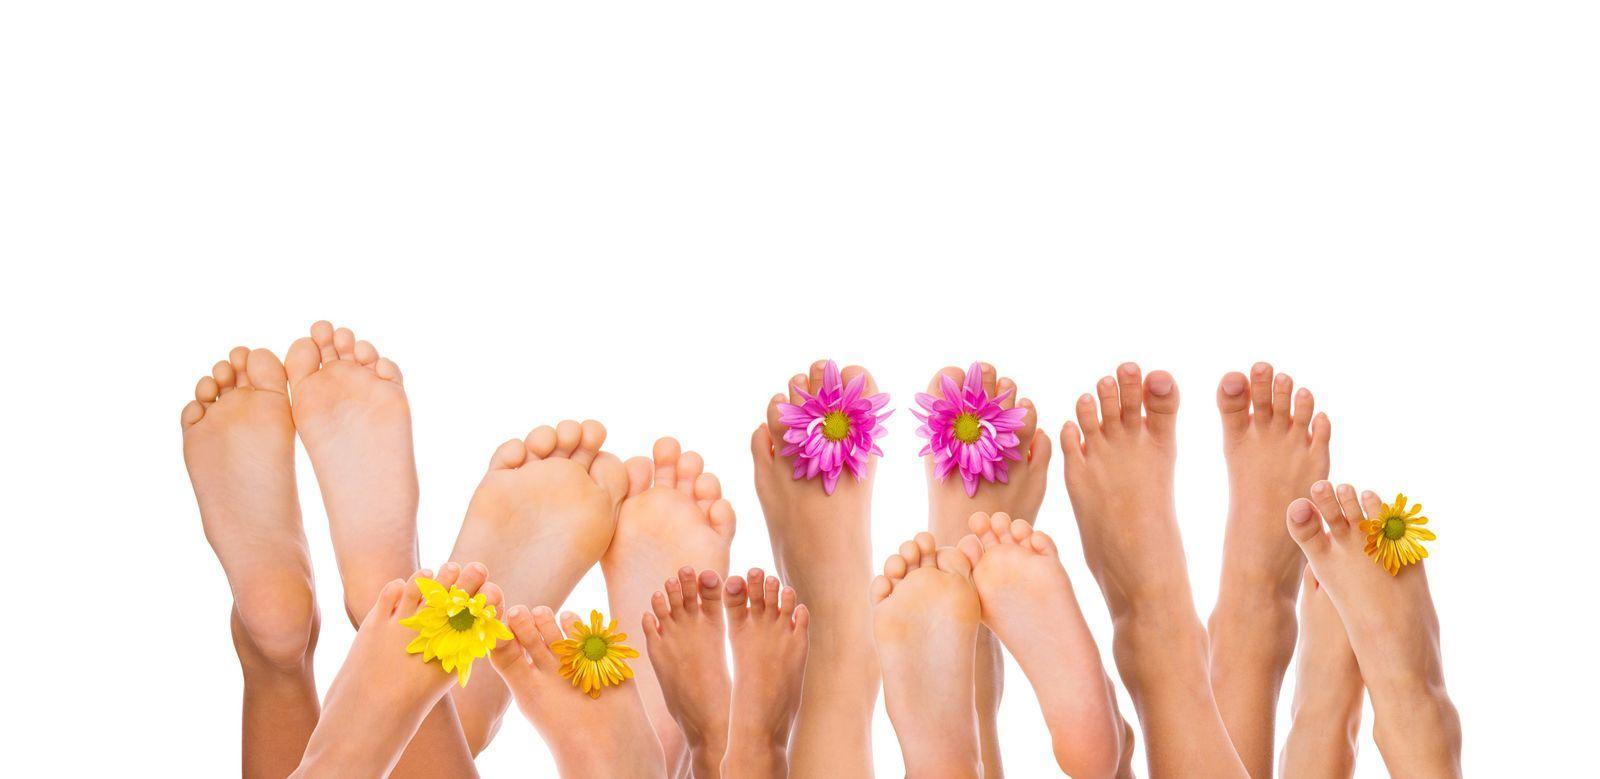 Schöne Füße - passend zur Flip-Flop-Saison